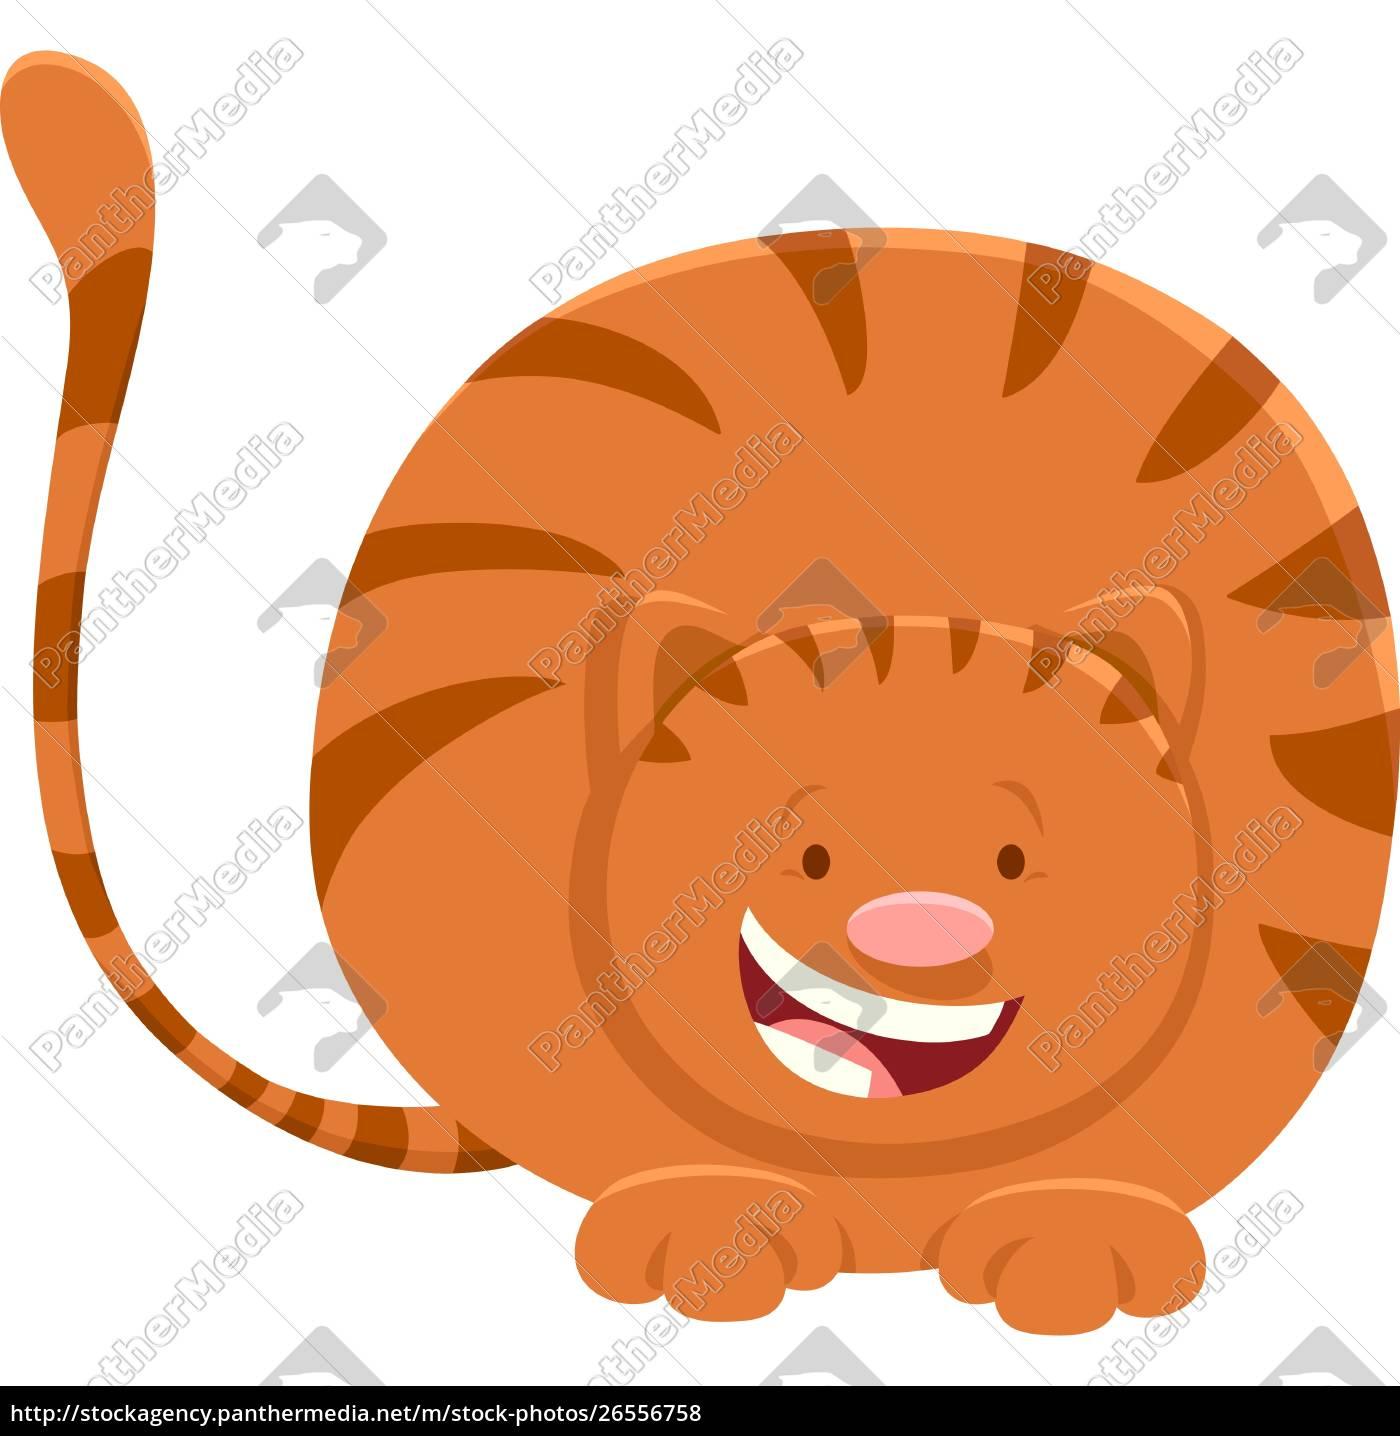 cute, red, cat, cartoon, animal, character - 26556758